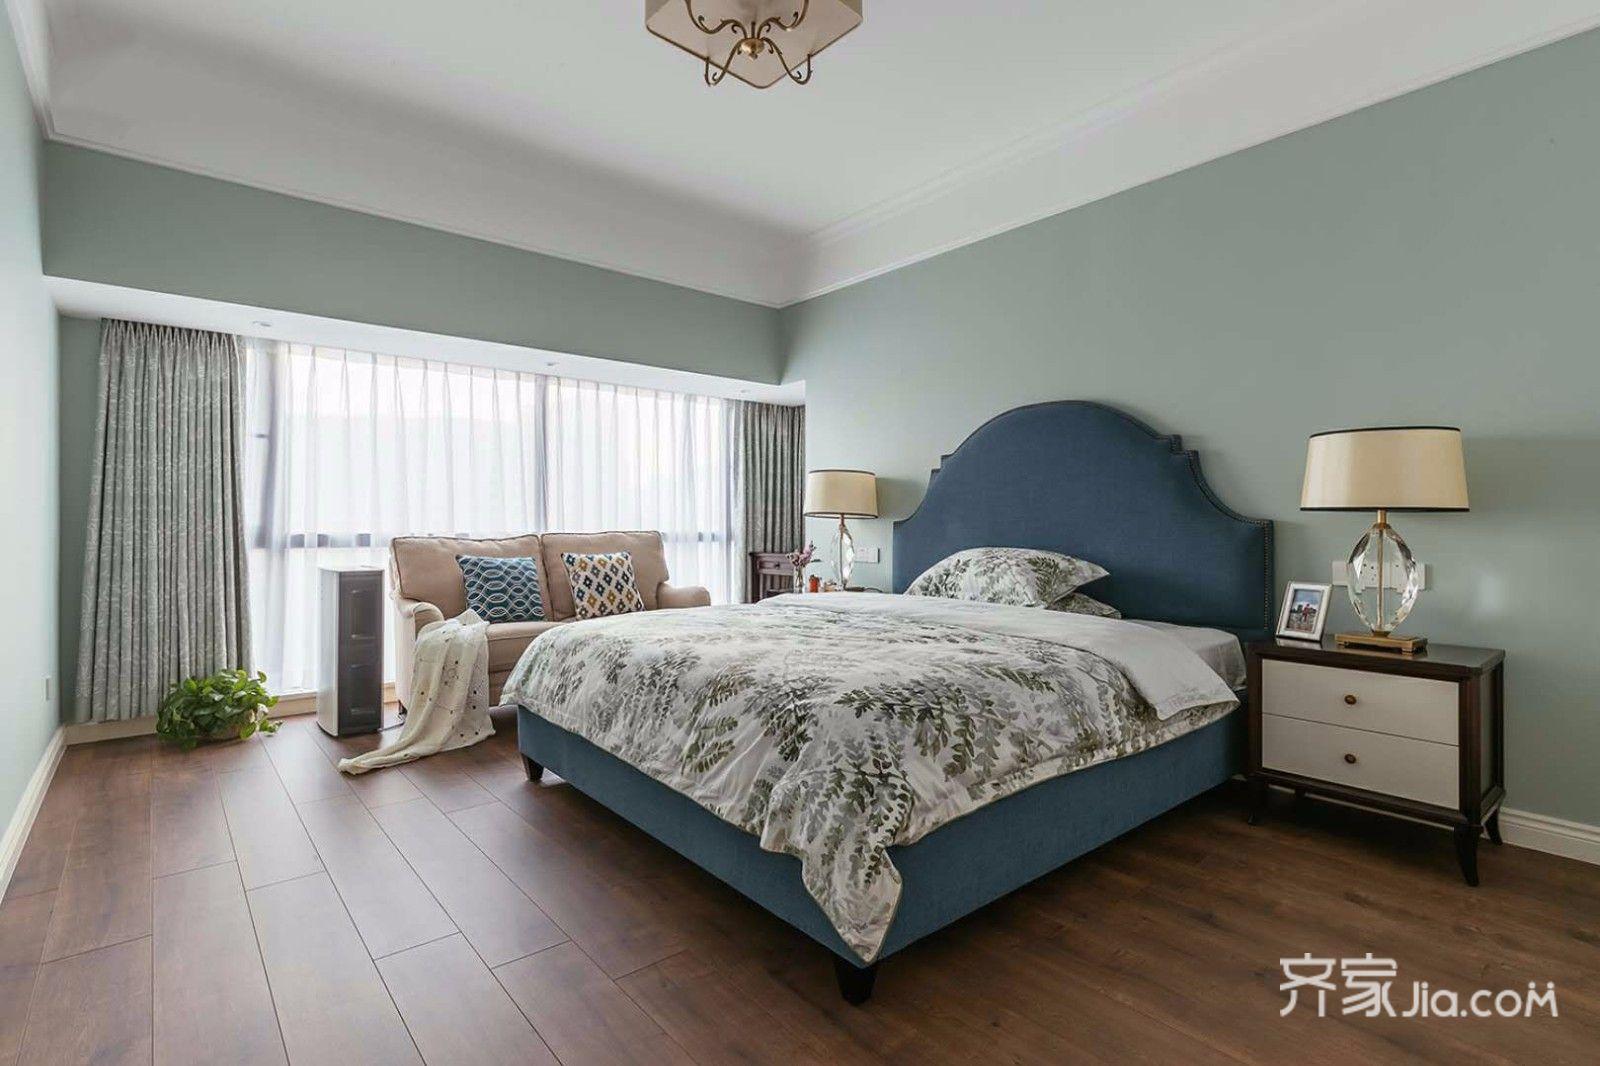 120㎡三居室美式卧室装修效果图